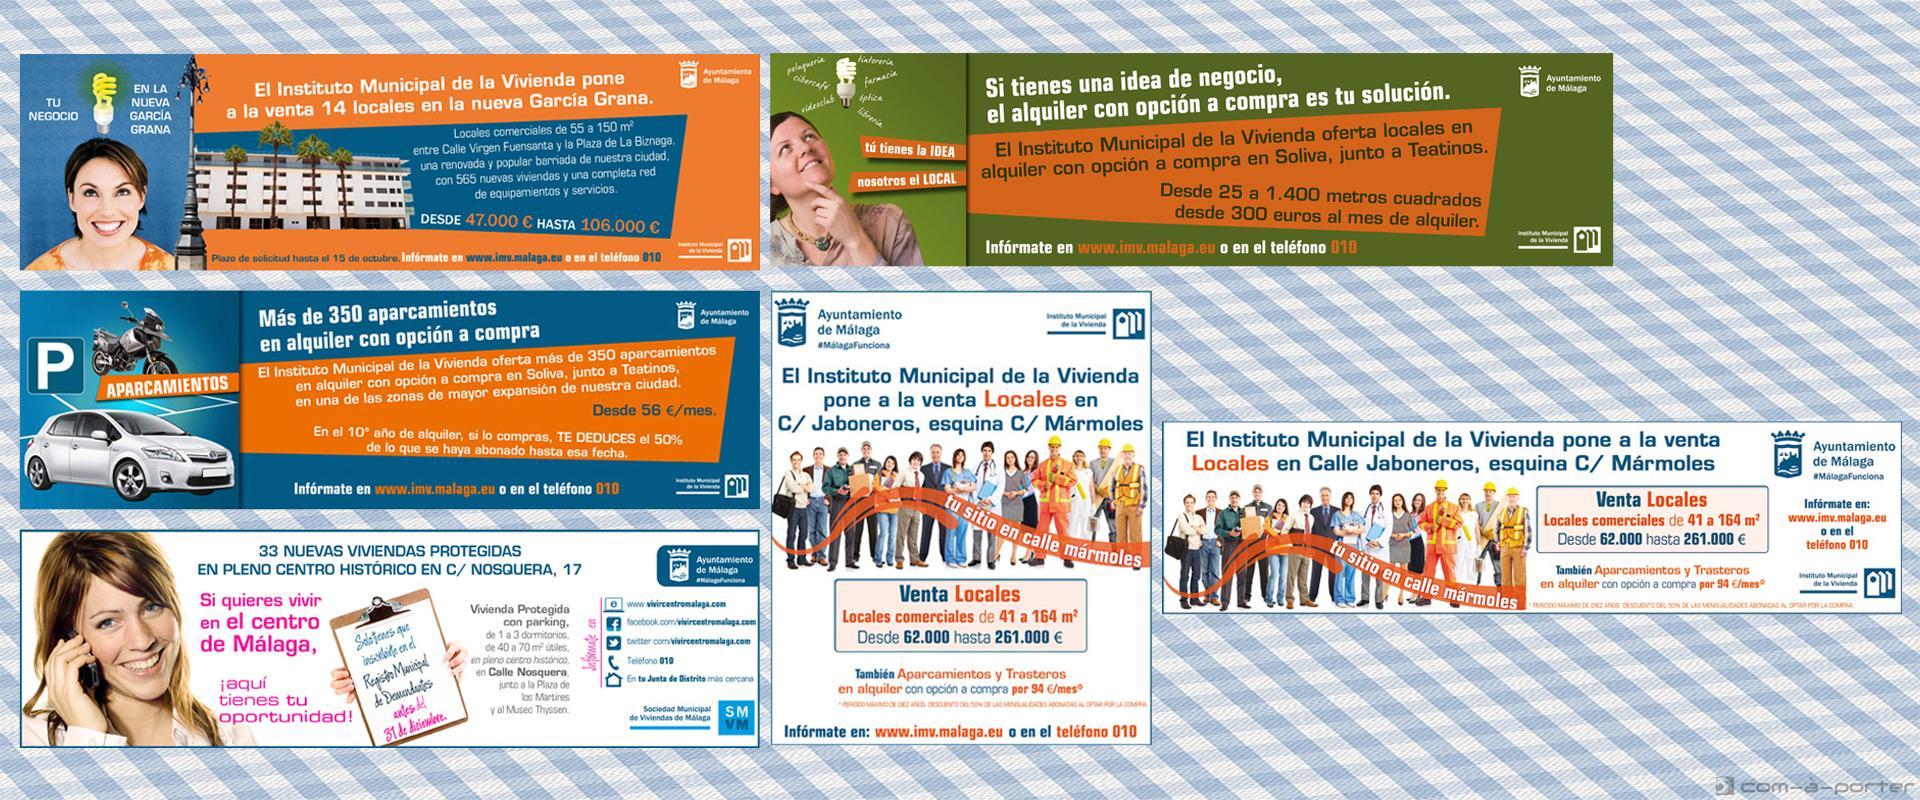 Faldones y robapágina de diversas campañas del Instituto Municipal de la Vivienda de Málaga